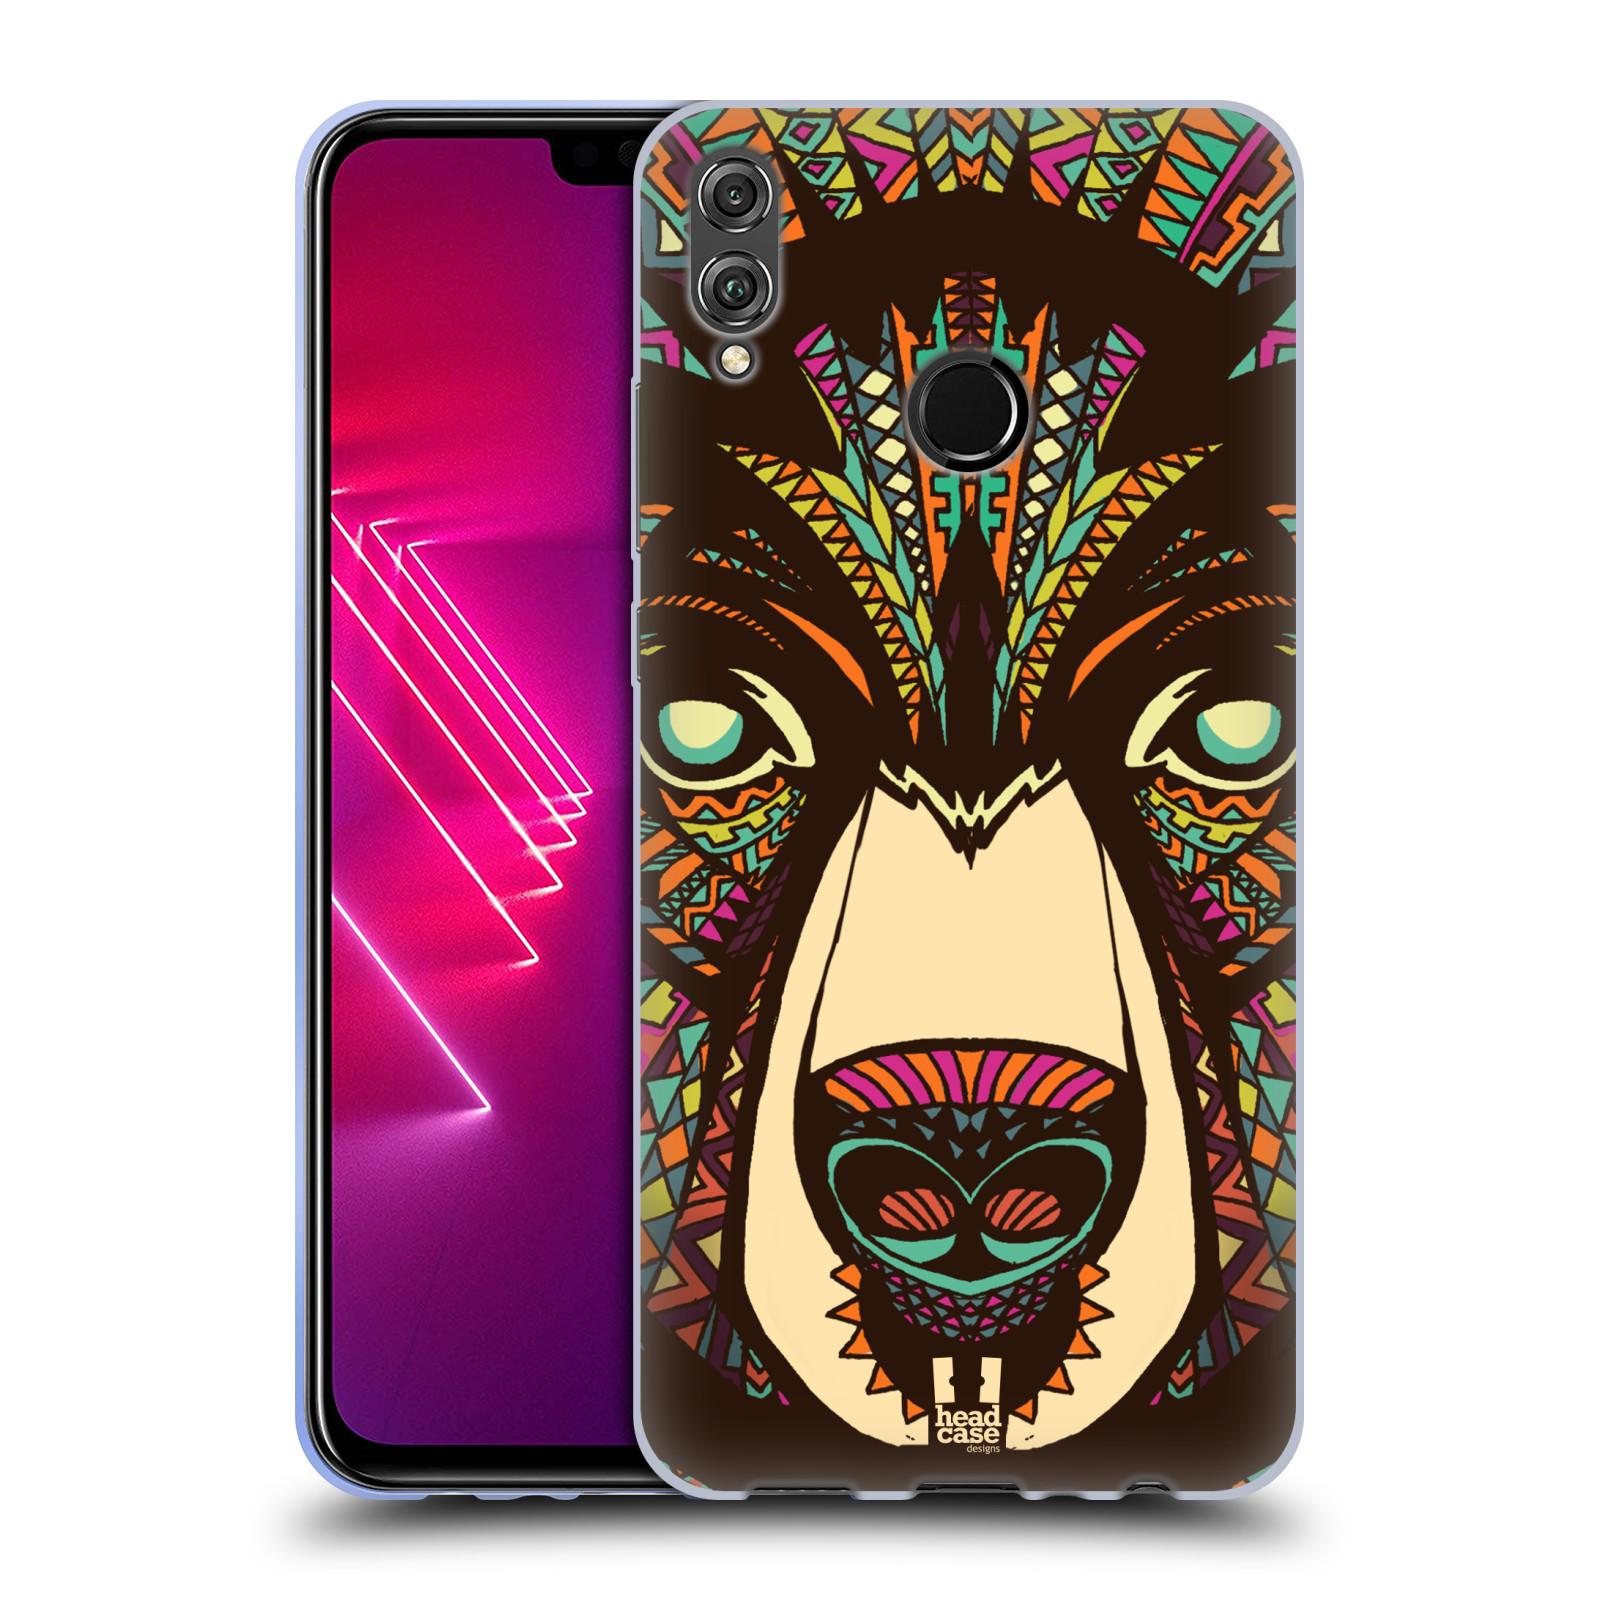 Silikonové pouzdro na mobil Honor View 10 Lite - Head Case - AZTEC MEDVĚD